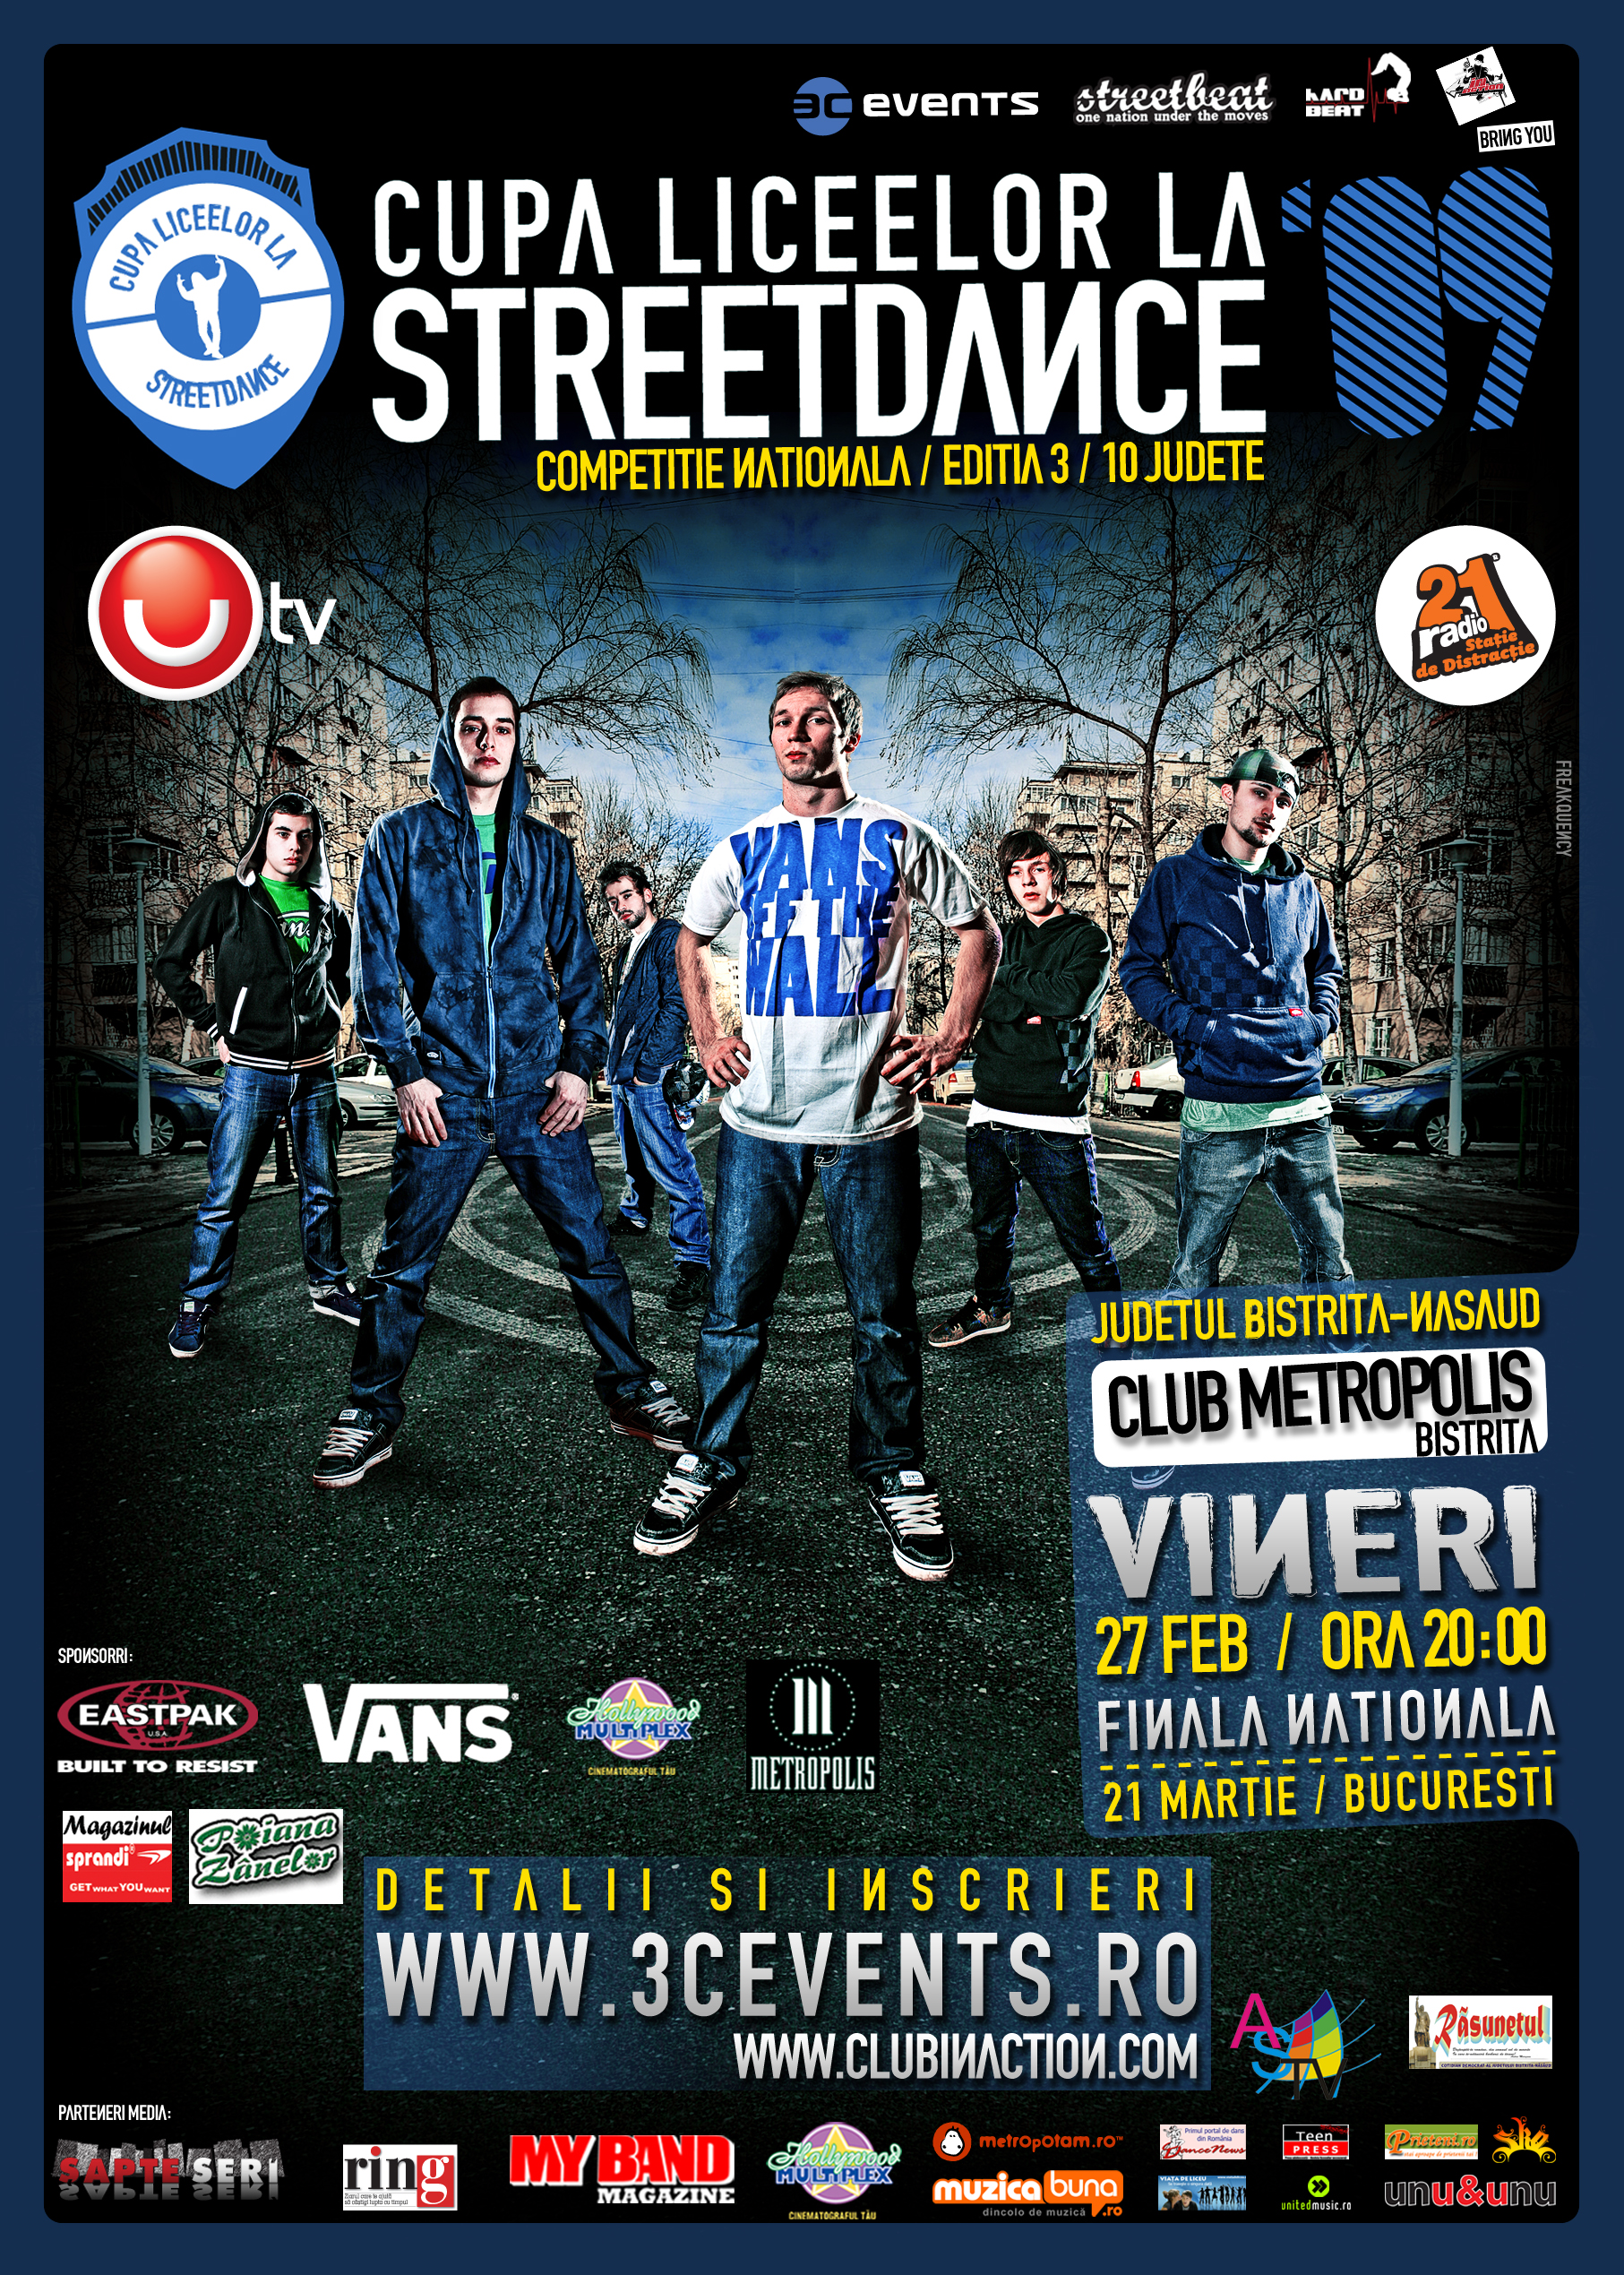 Cupa Liceelor la Streetdance, ediţia I 2009